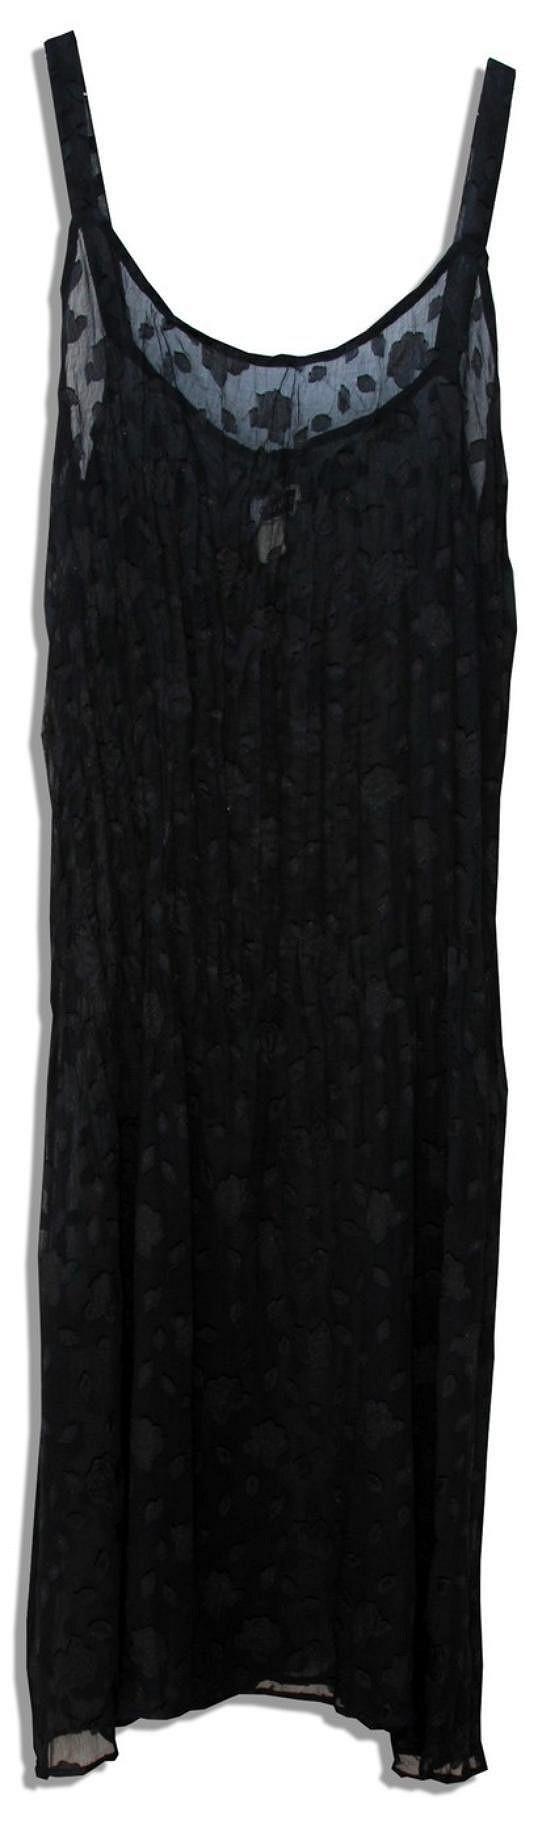 Dráždivé negližé Moniky Lewinské se může skvět ve vašem šatníku.